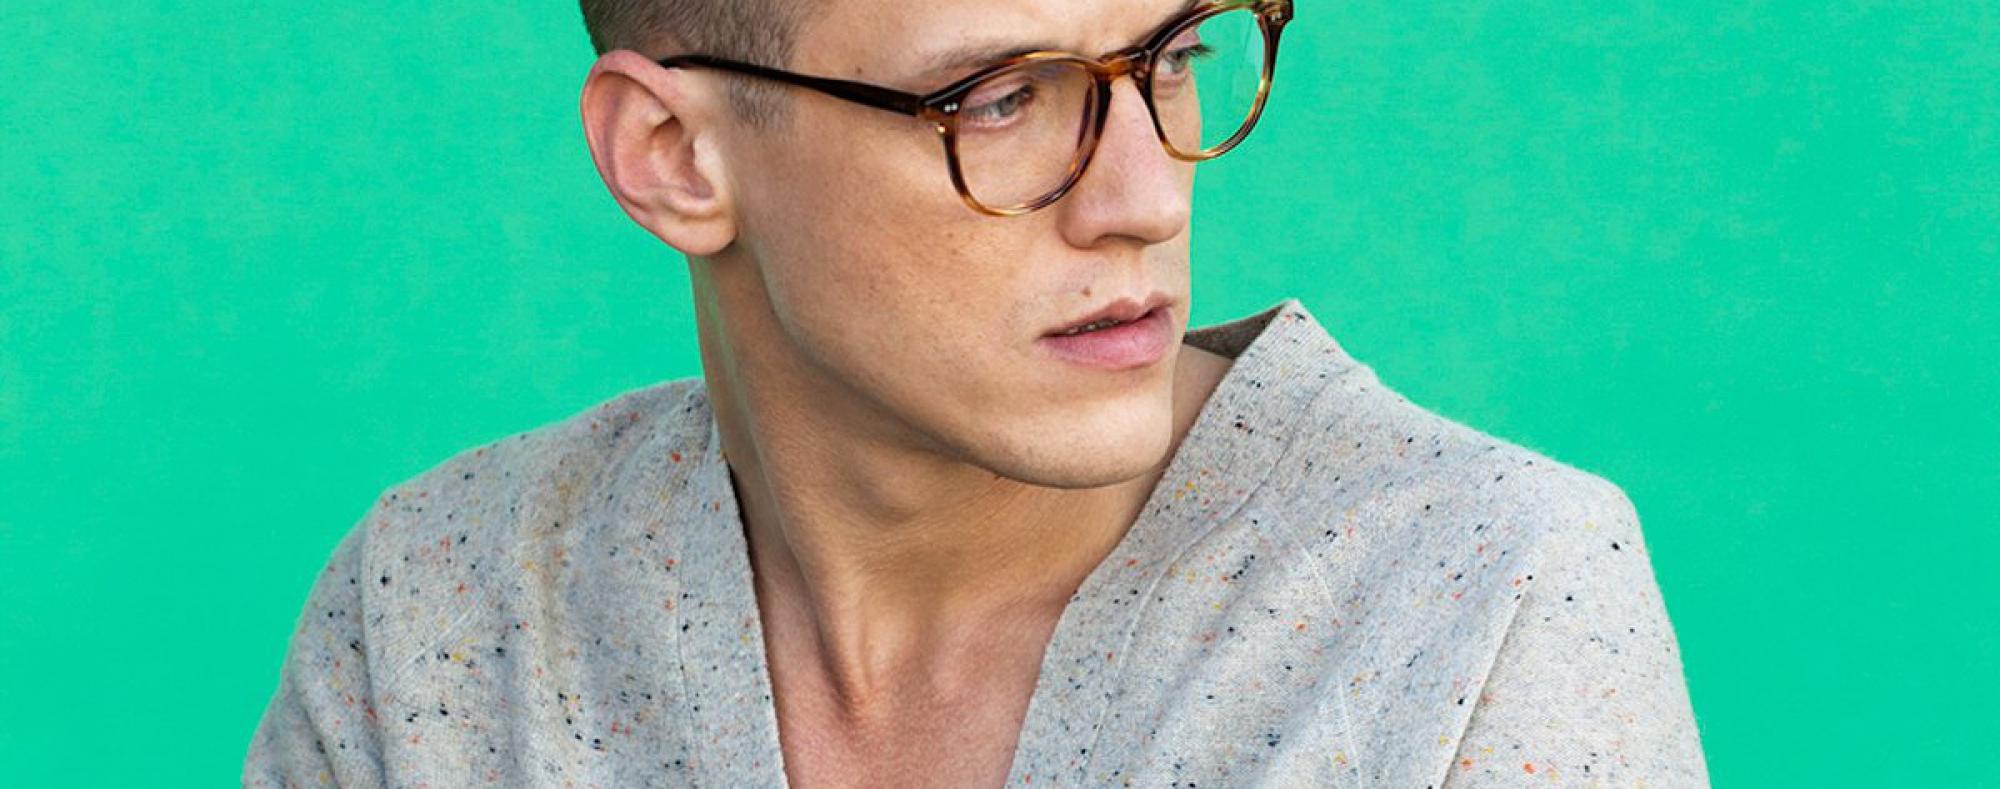 lunetteskollektion